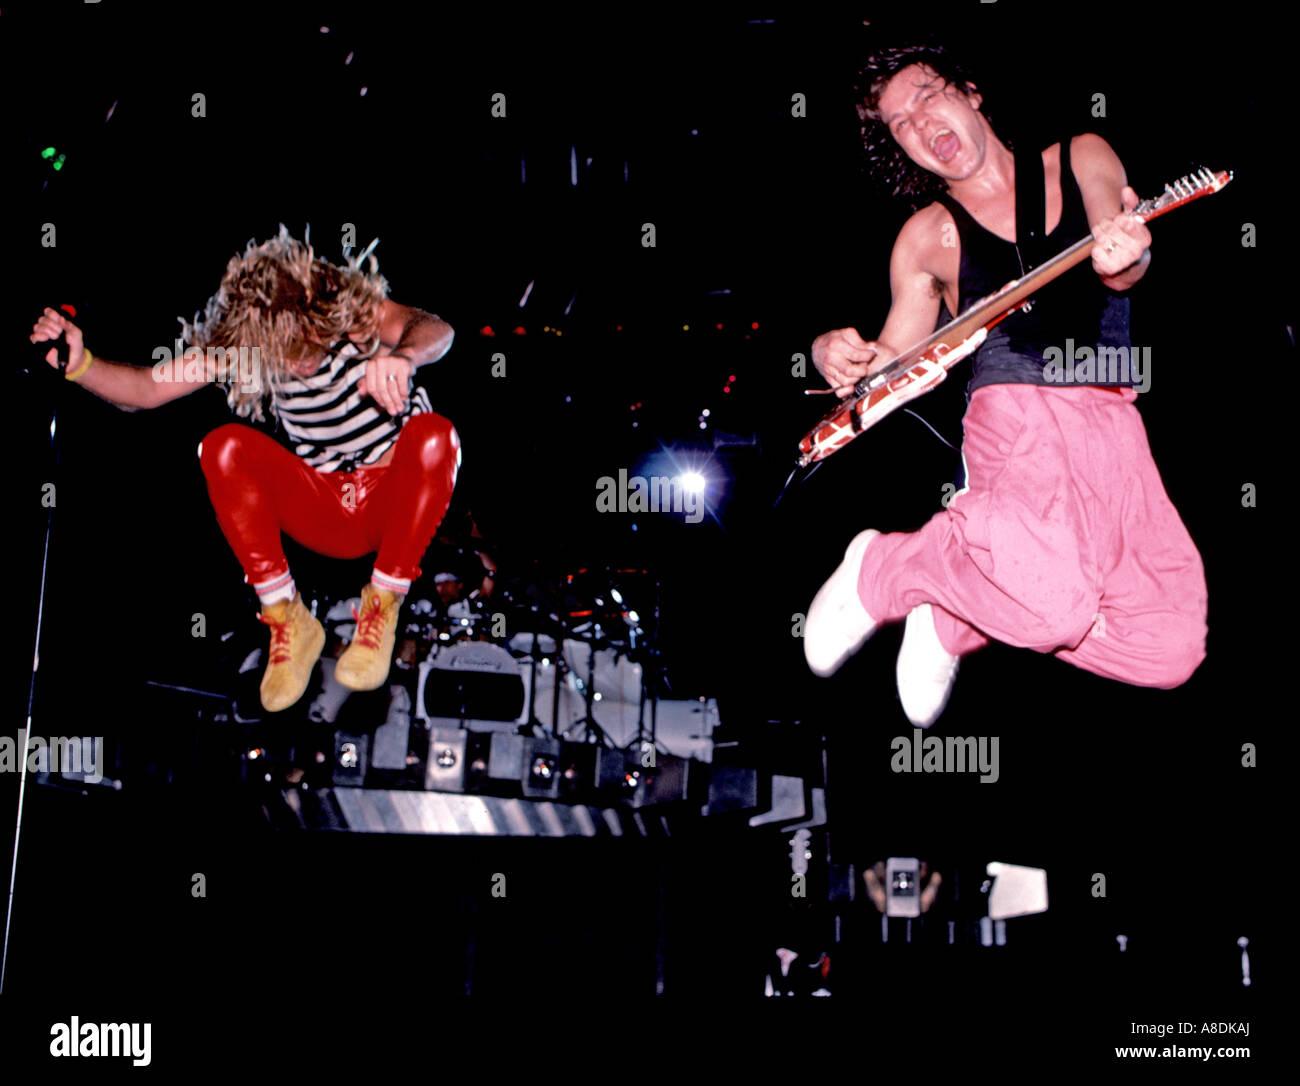 VAN HALEN - groupe rock américain en 1988 Photo Stock